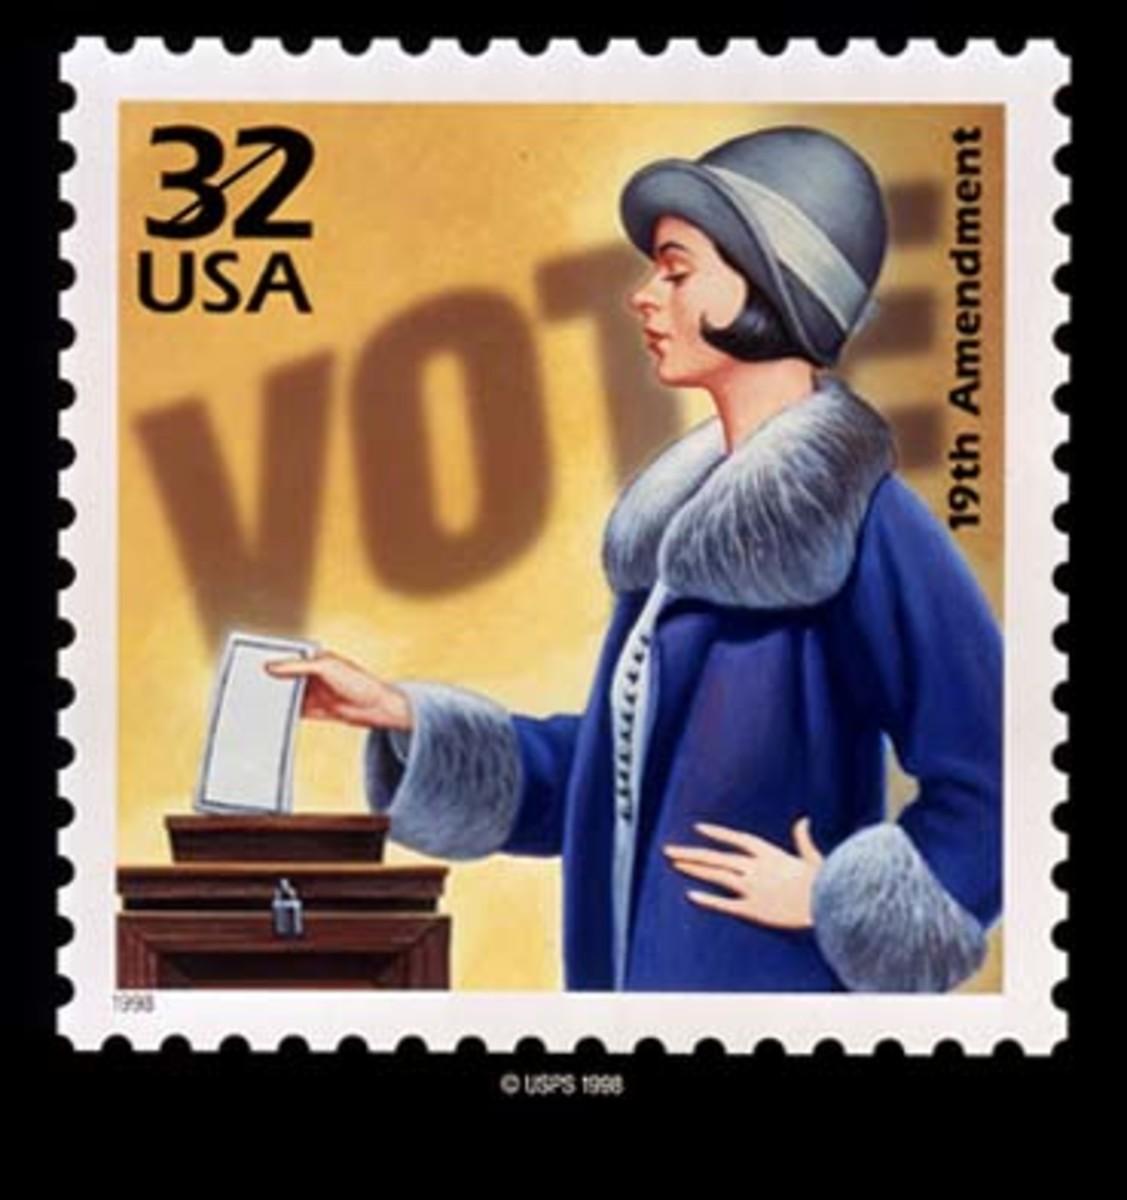 USPS 1998 postage stamp